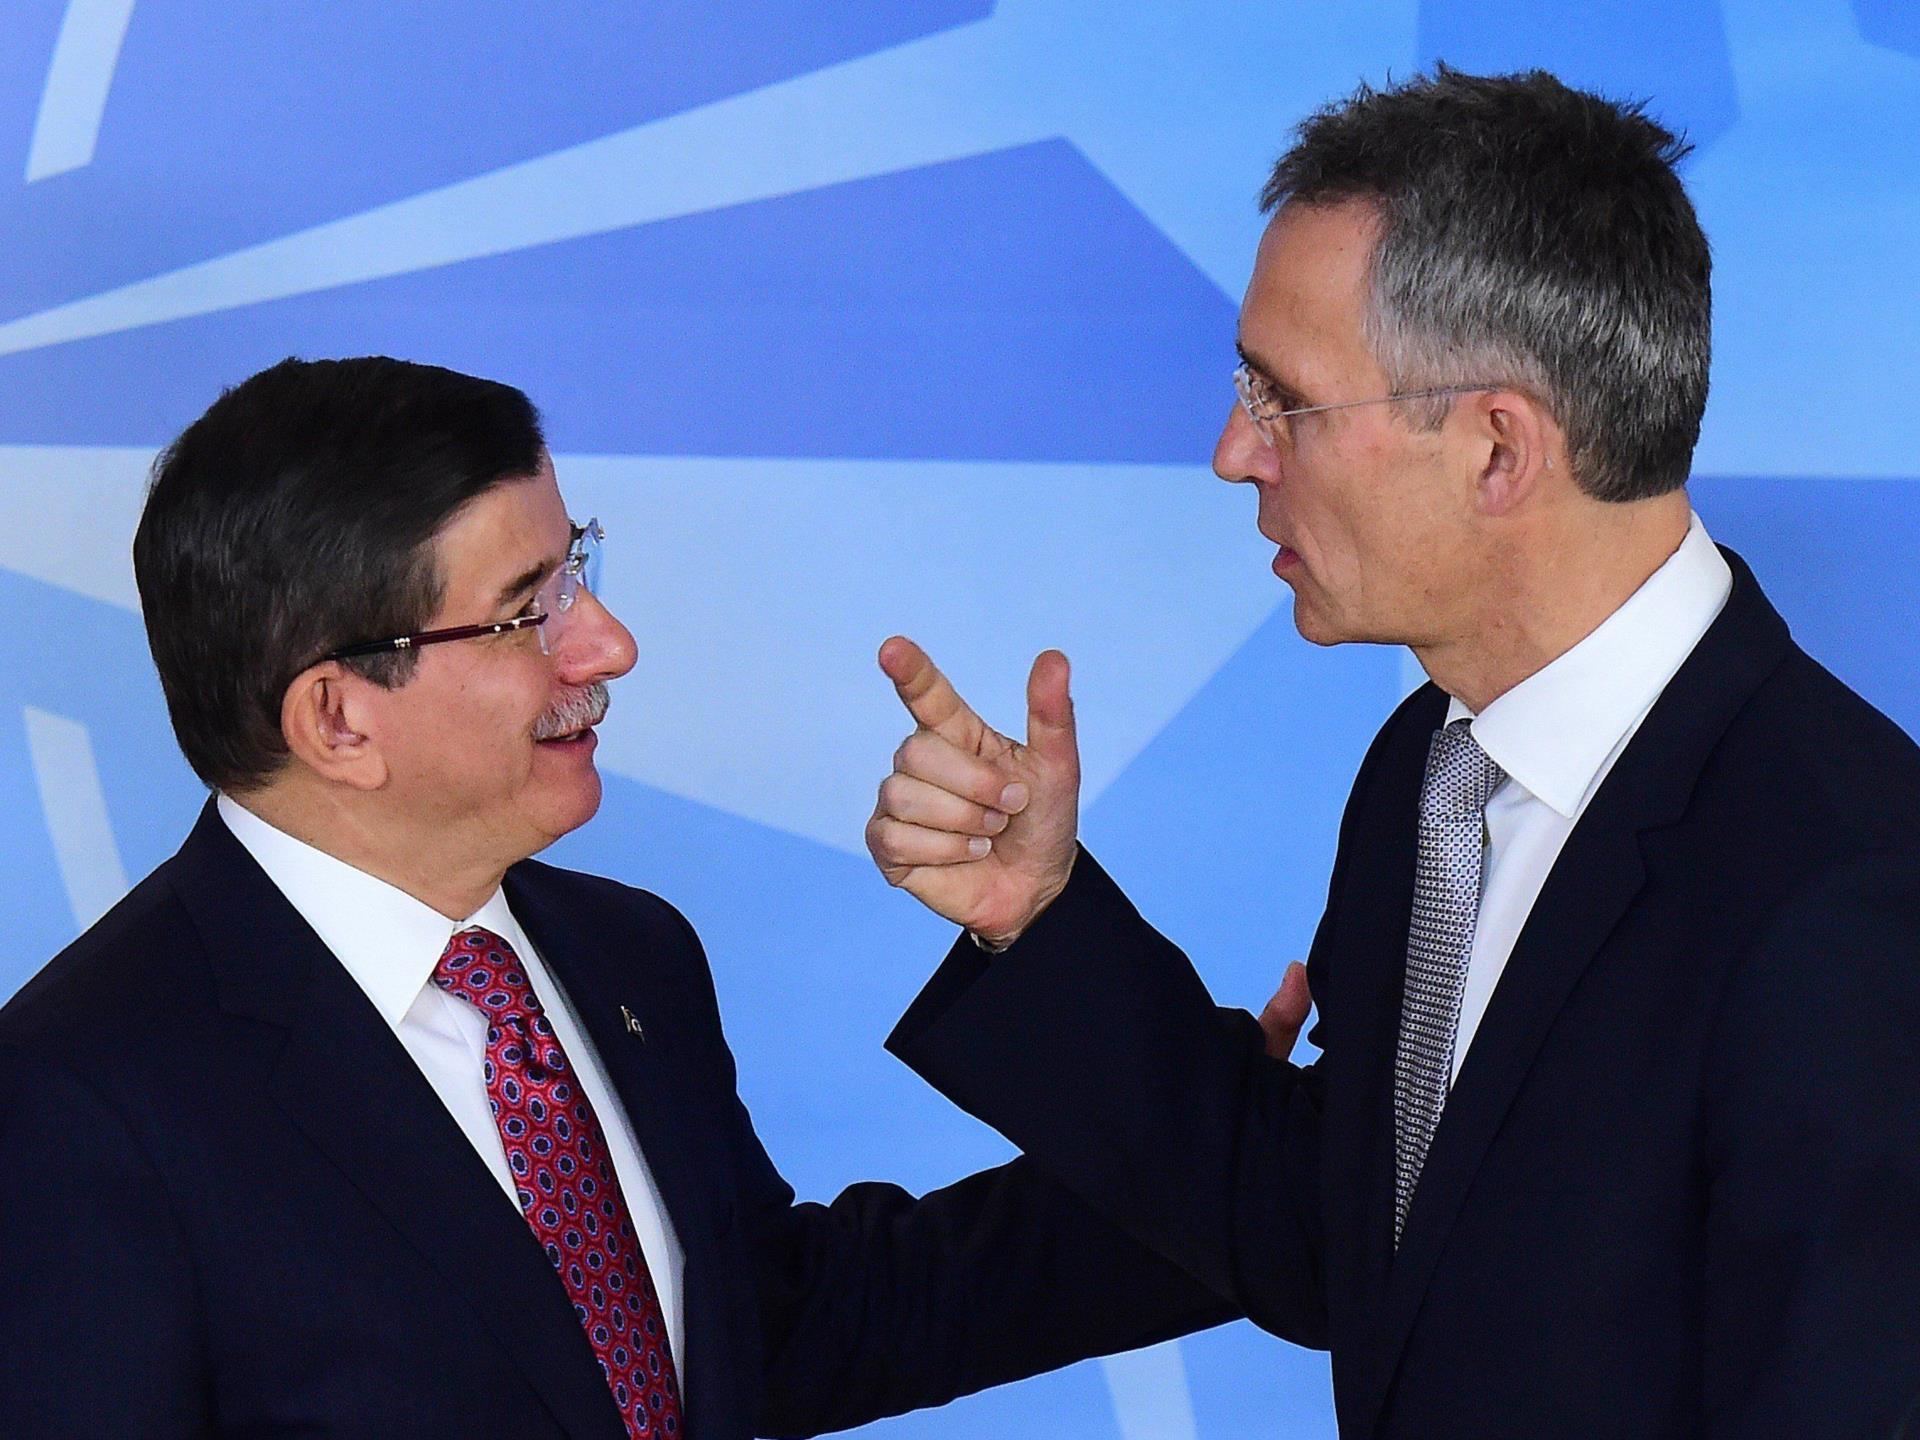 Partnersuche in der türkei